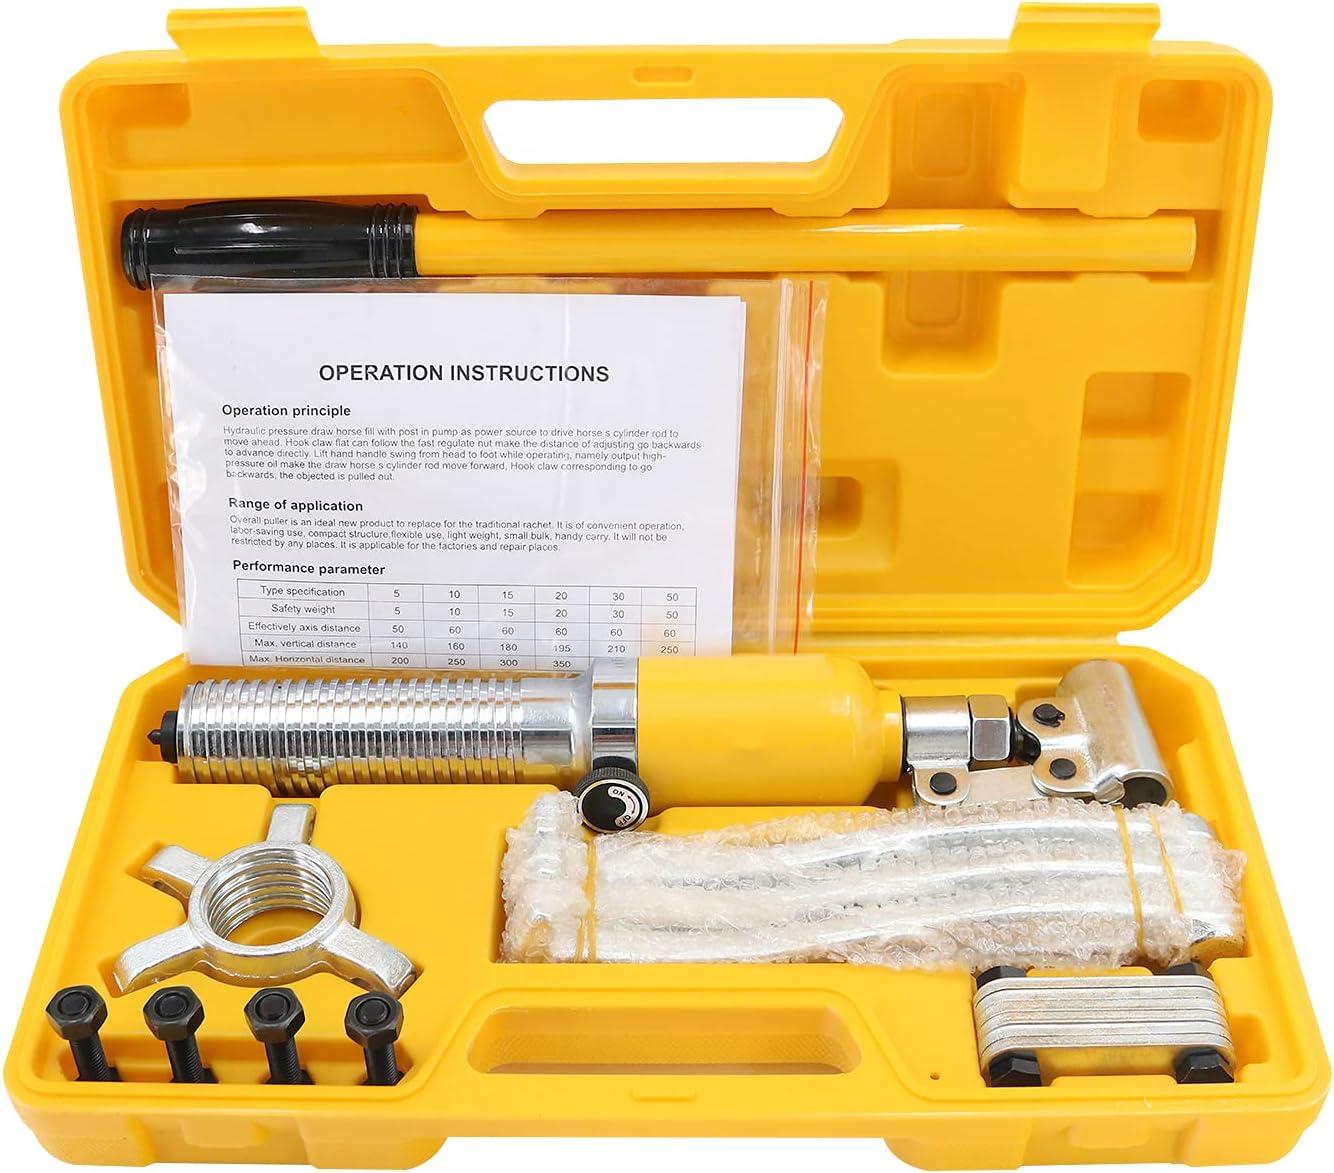 bysonice 5T Gato HidráUlico Stick Jack Ram Jack Extractor HidráUlico Fijo Extractor de Cojinetes Kit de Herramientas de Cilindro de ExtraccióN de Cojinetes de Tres Brazos Duradero